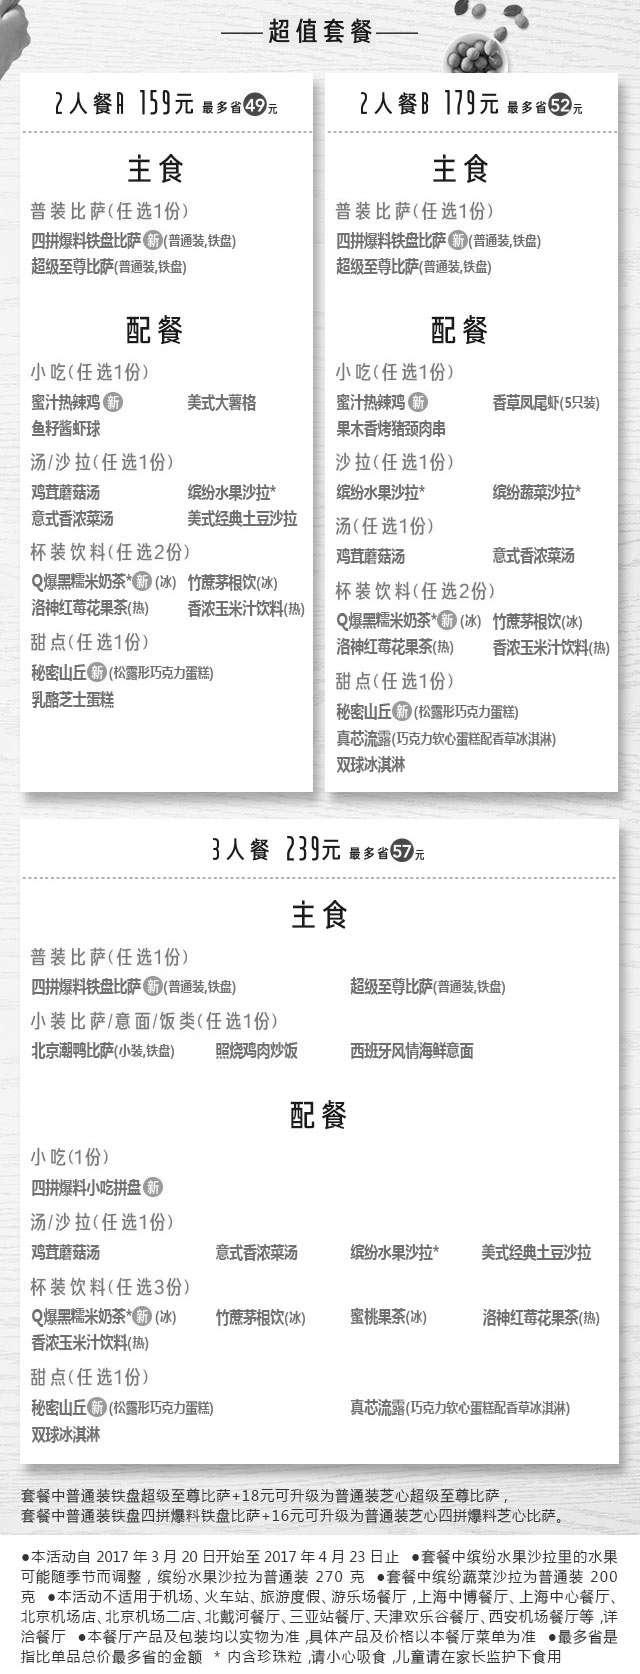 黑白优惠券图片:必胜客四拼爆料比萨超值套餐,2人套餐159元起,3人套餐239元起 - www.5ikfc.com